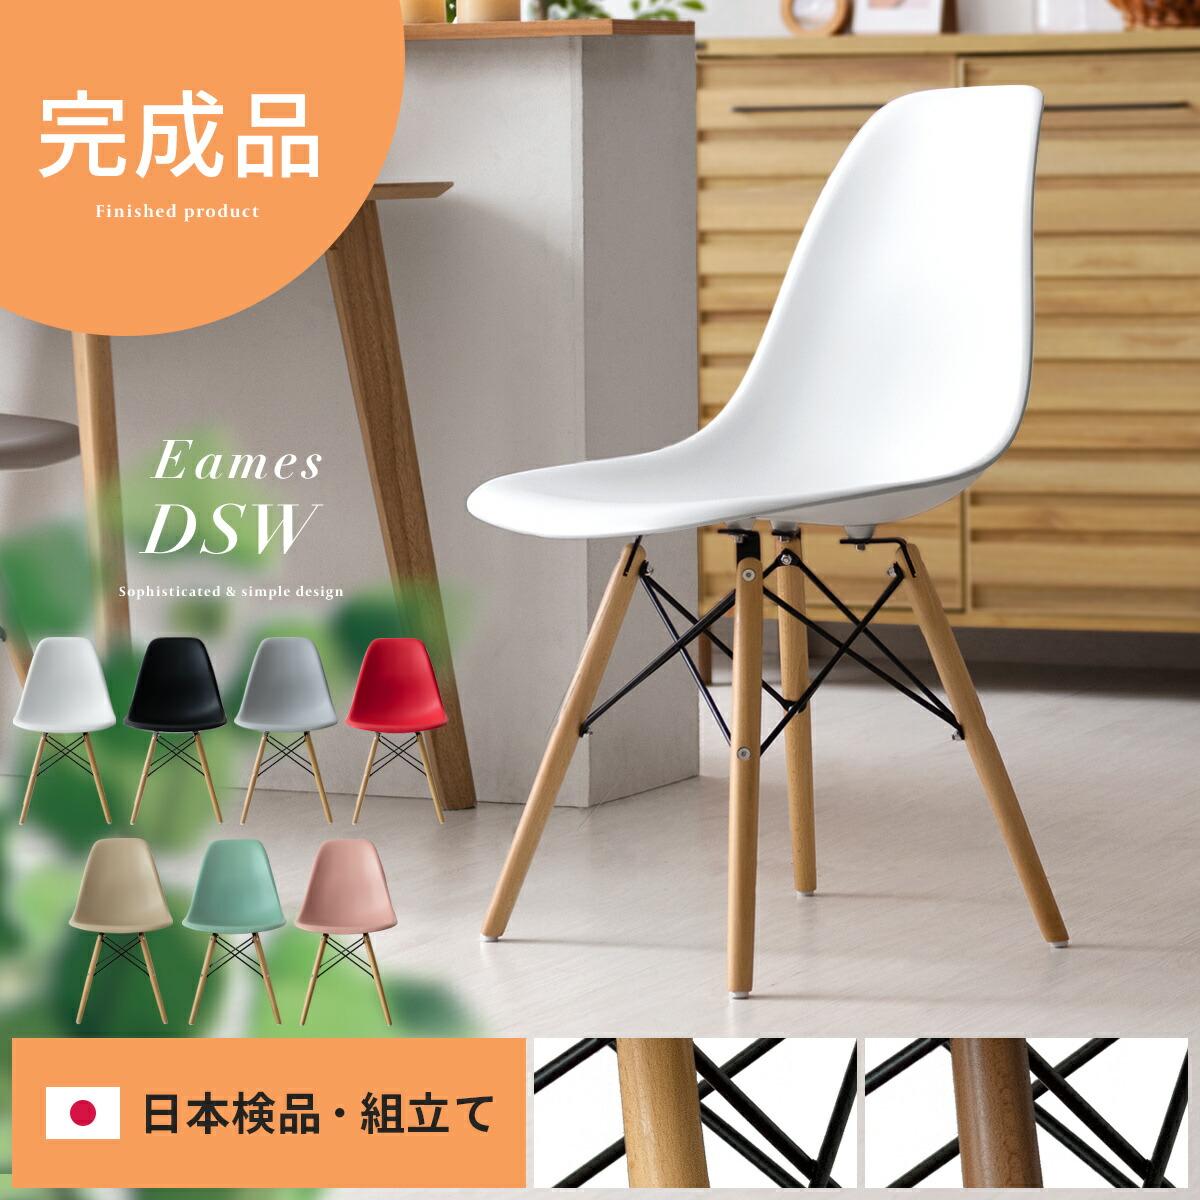 イームズチェア Eames DSW